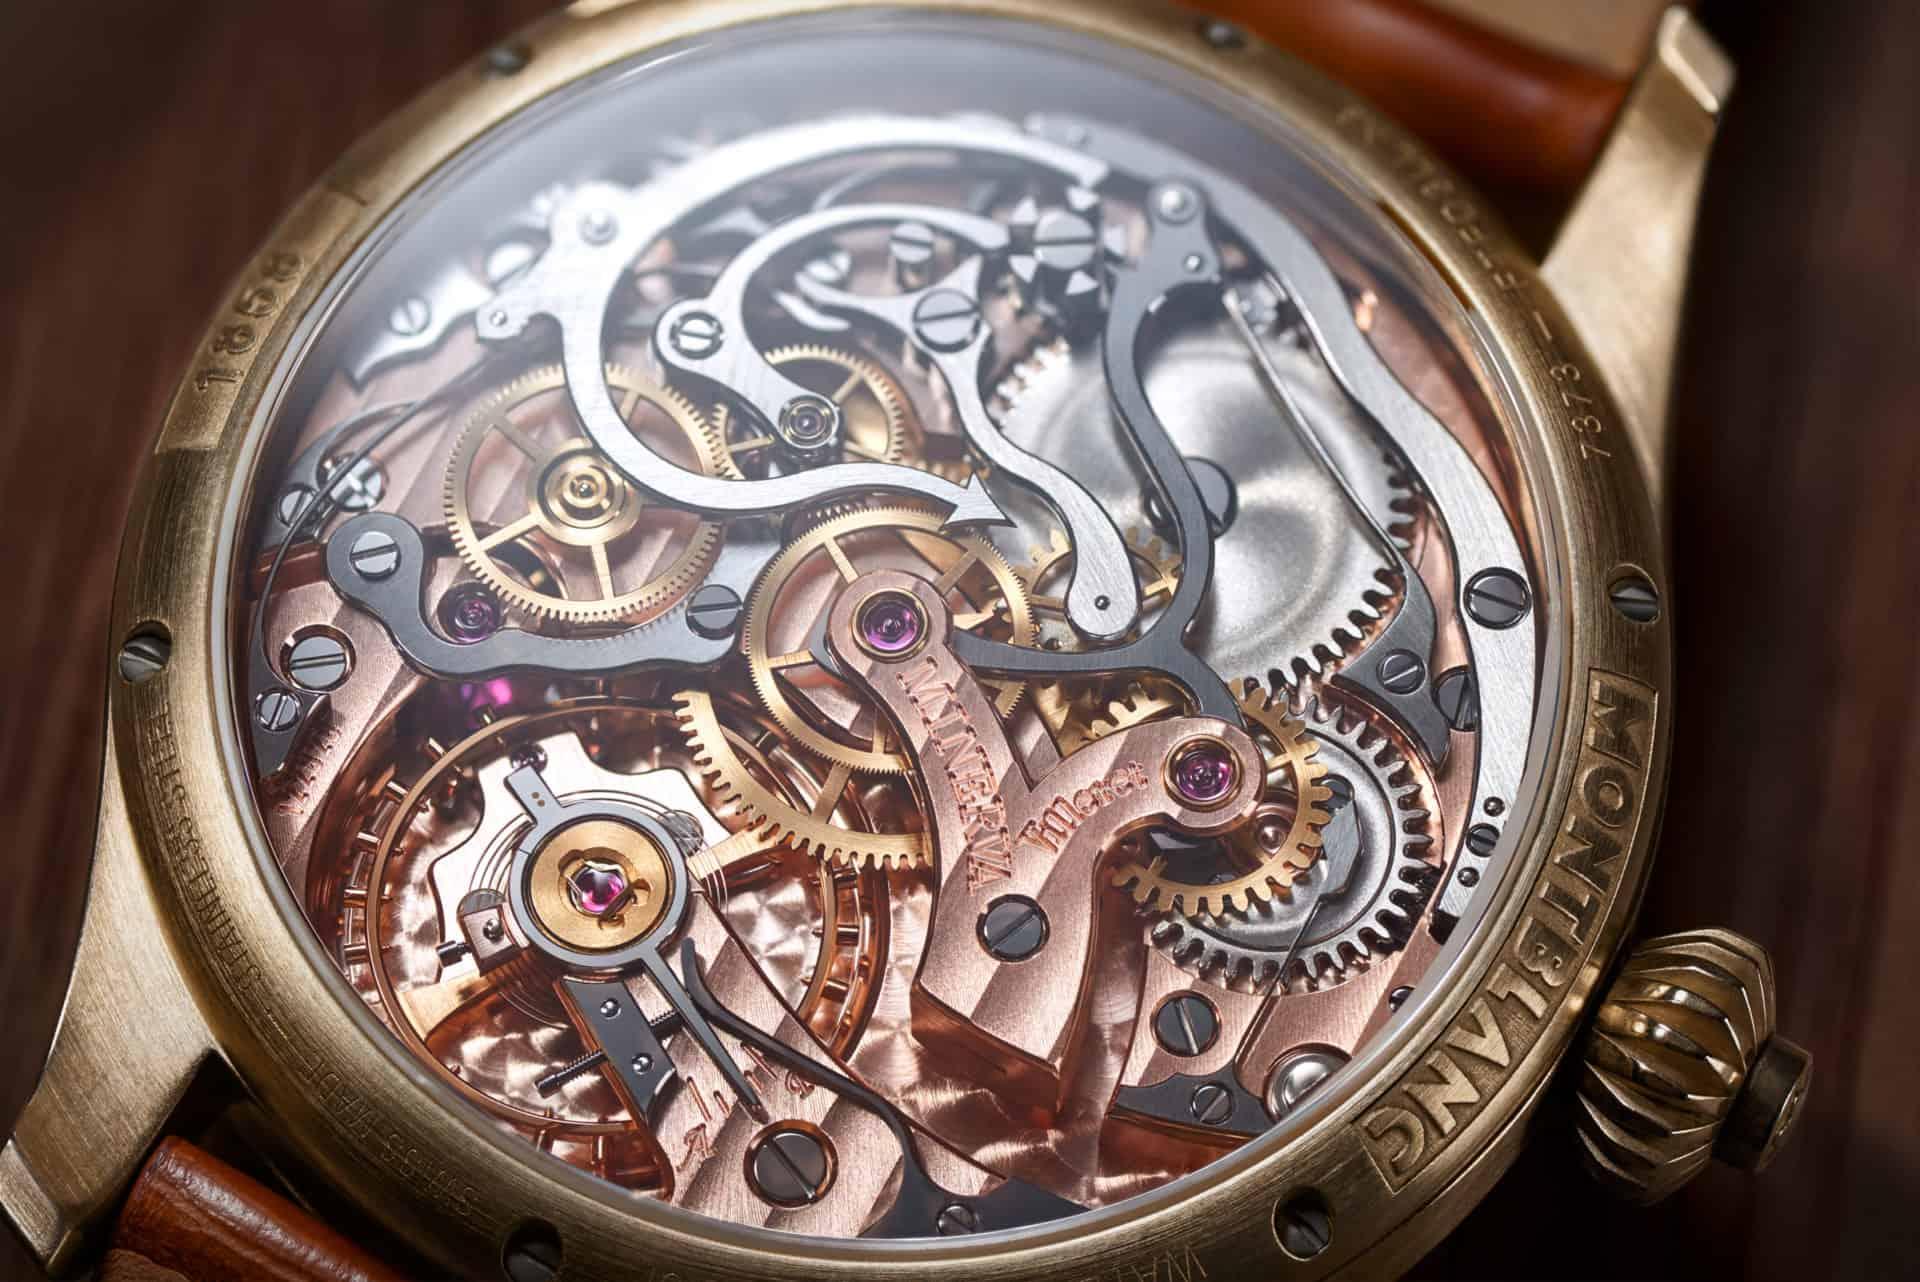 Ein kompliziertes Uhrwerk zum Staunen - das Montblanc 1858 Monopusher-Kaliber